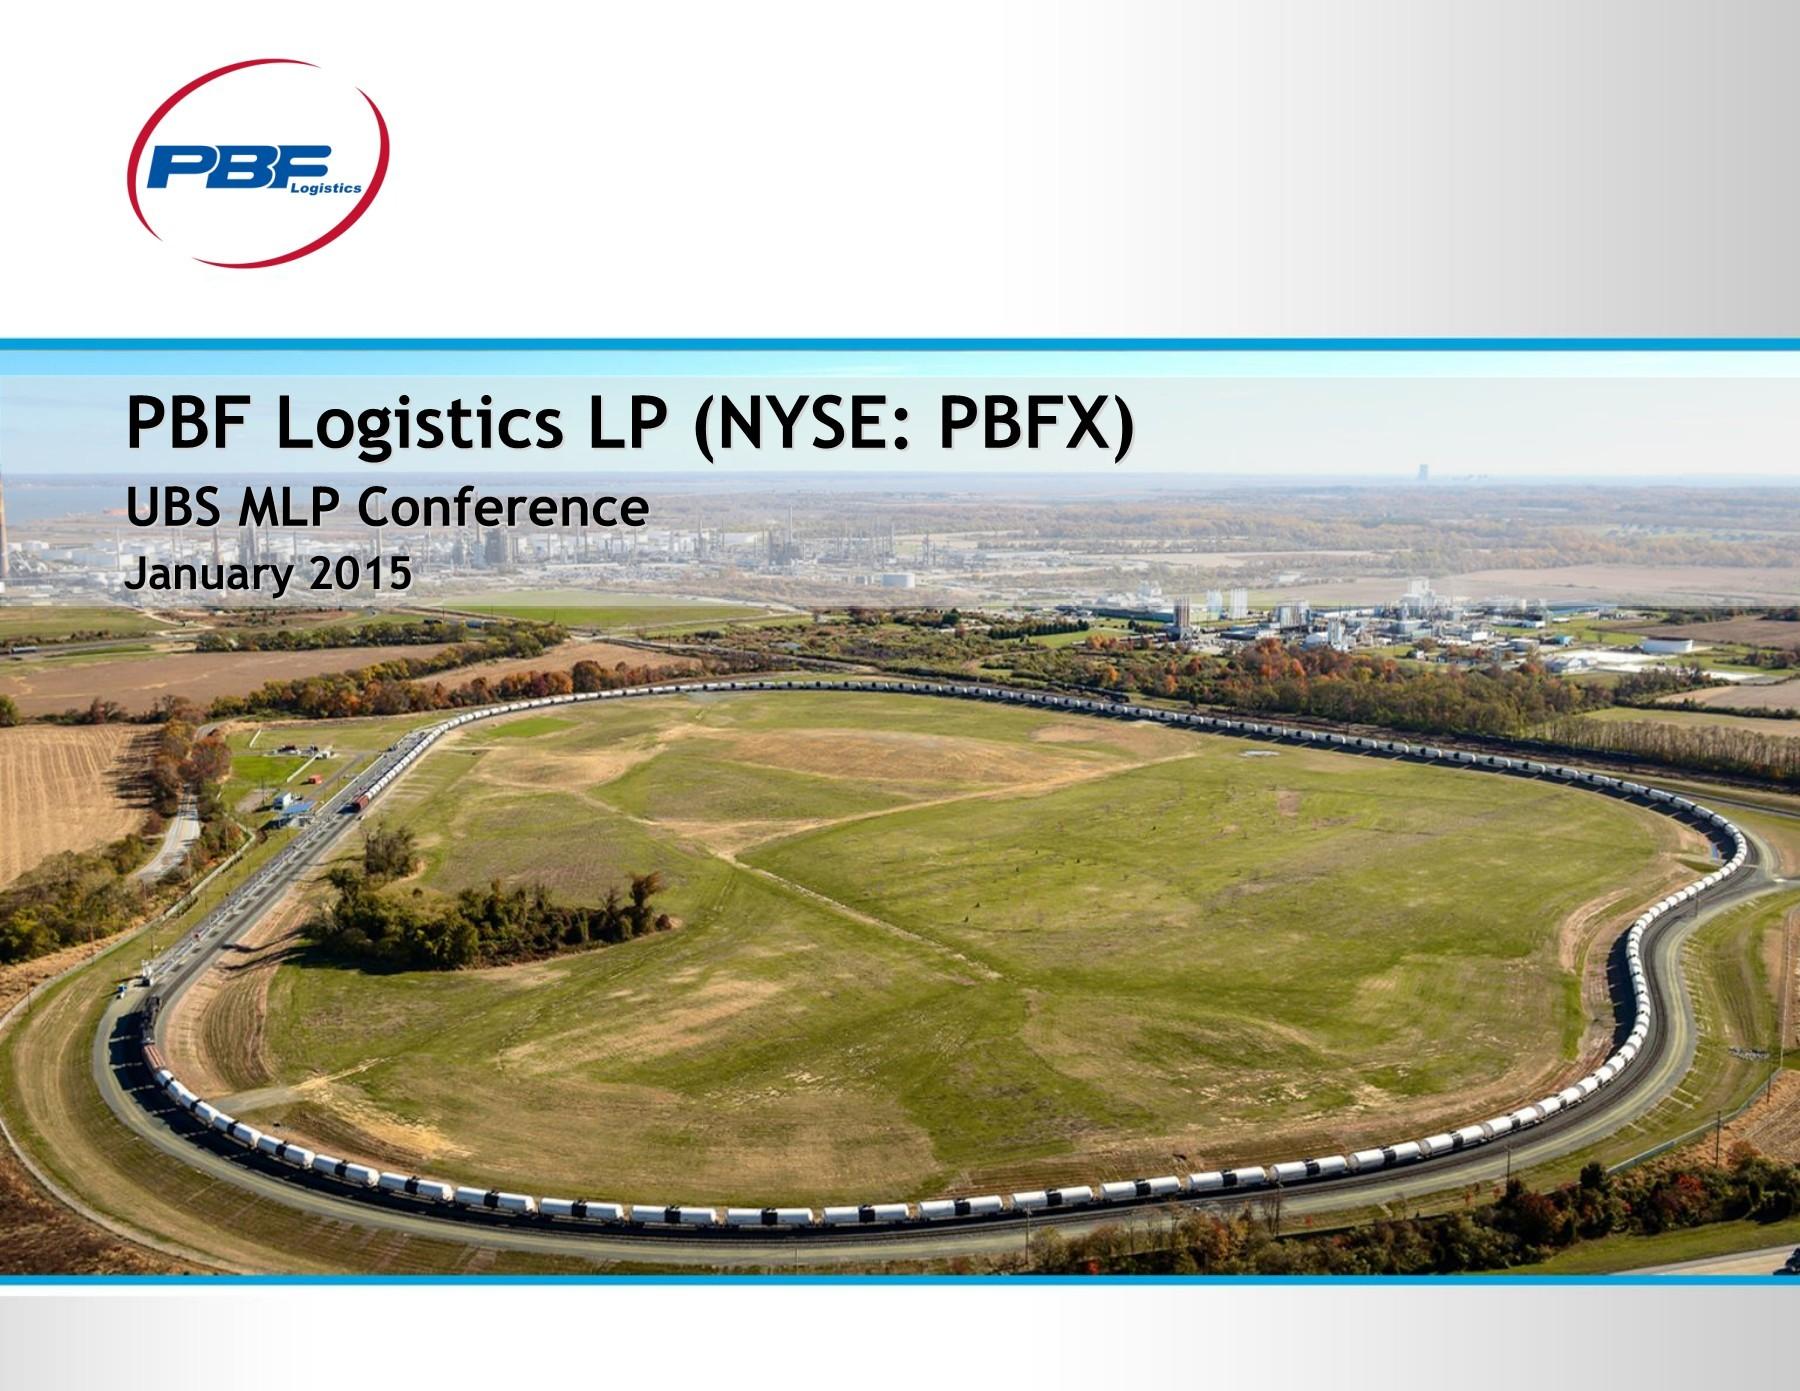 解釋買入美債PBF Logistics LP的PBFX 6.875 05/15/23的原因,並分享我的看法。